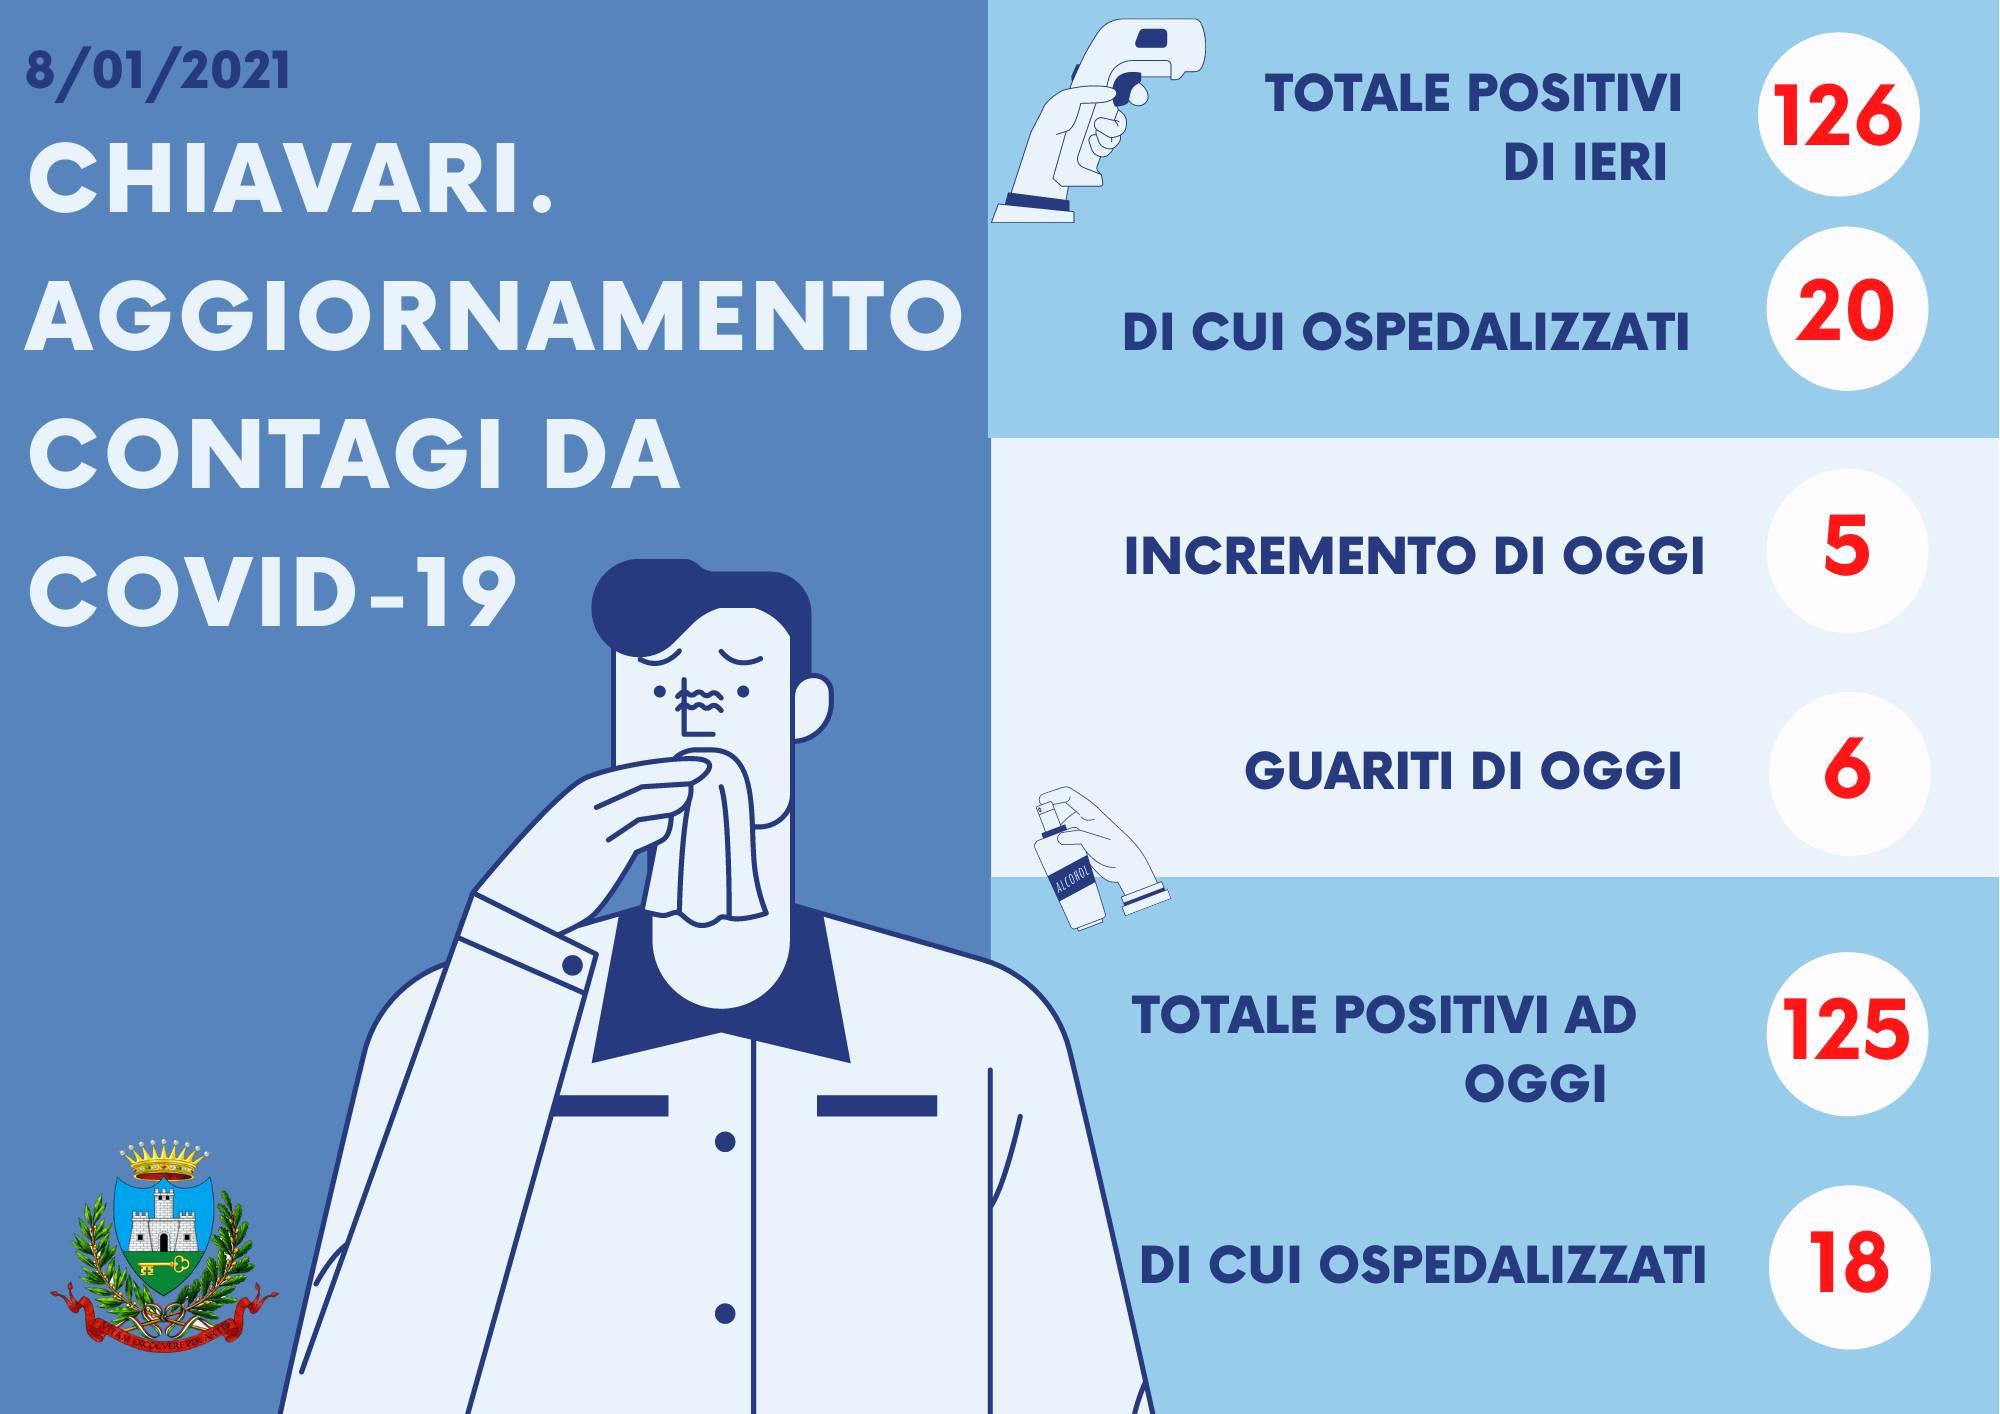 Chiavari: 5 nuovi positivi e 6 guariti; calano gli ospedalizzati